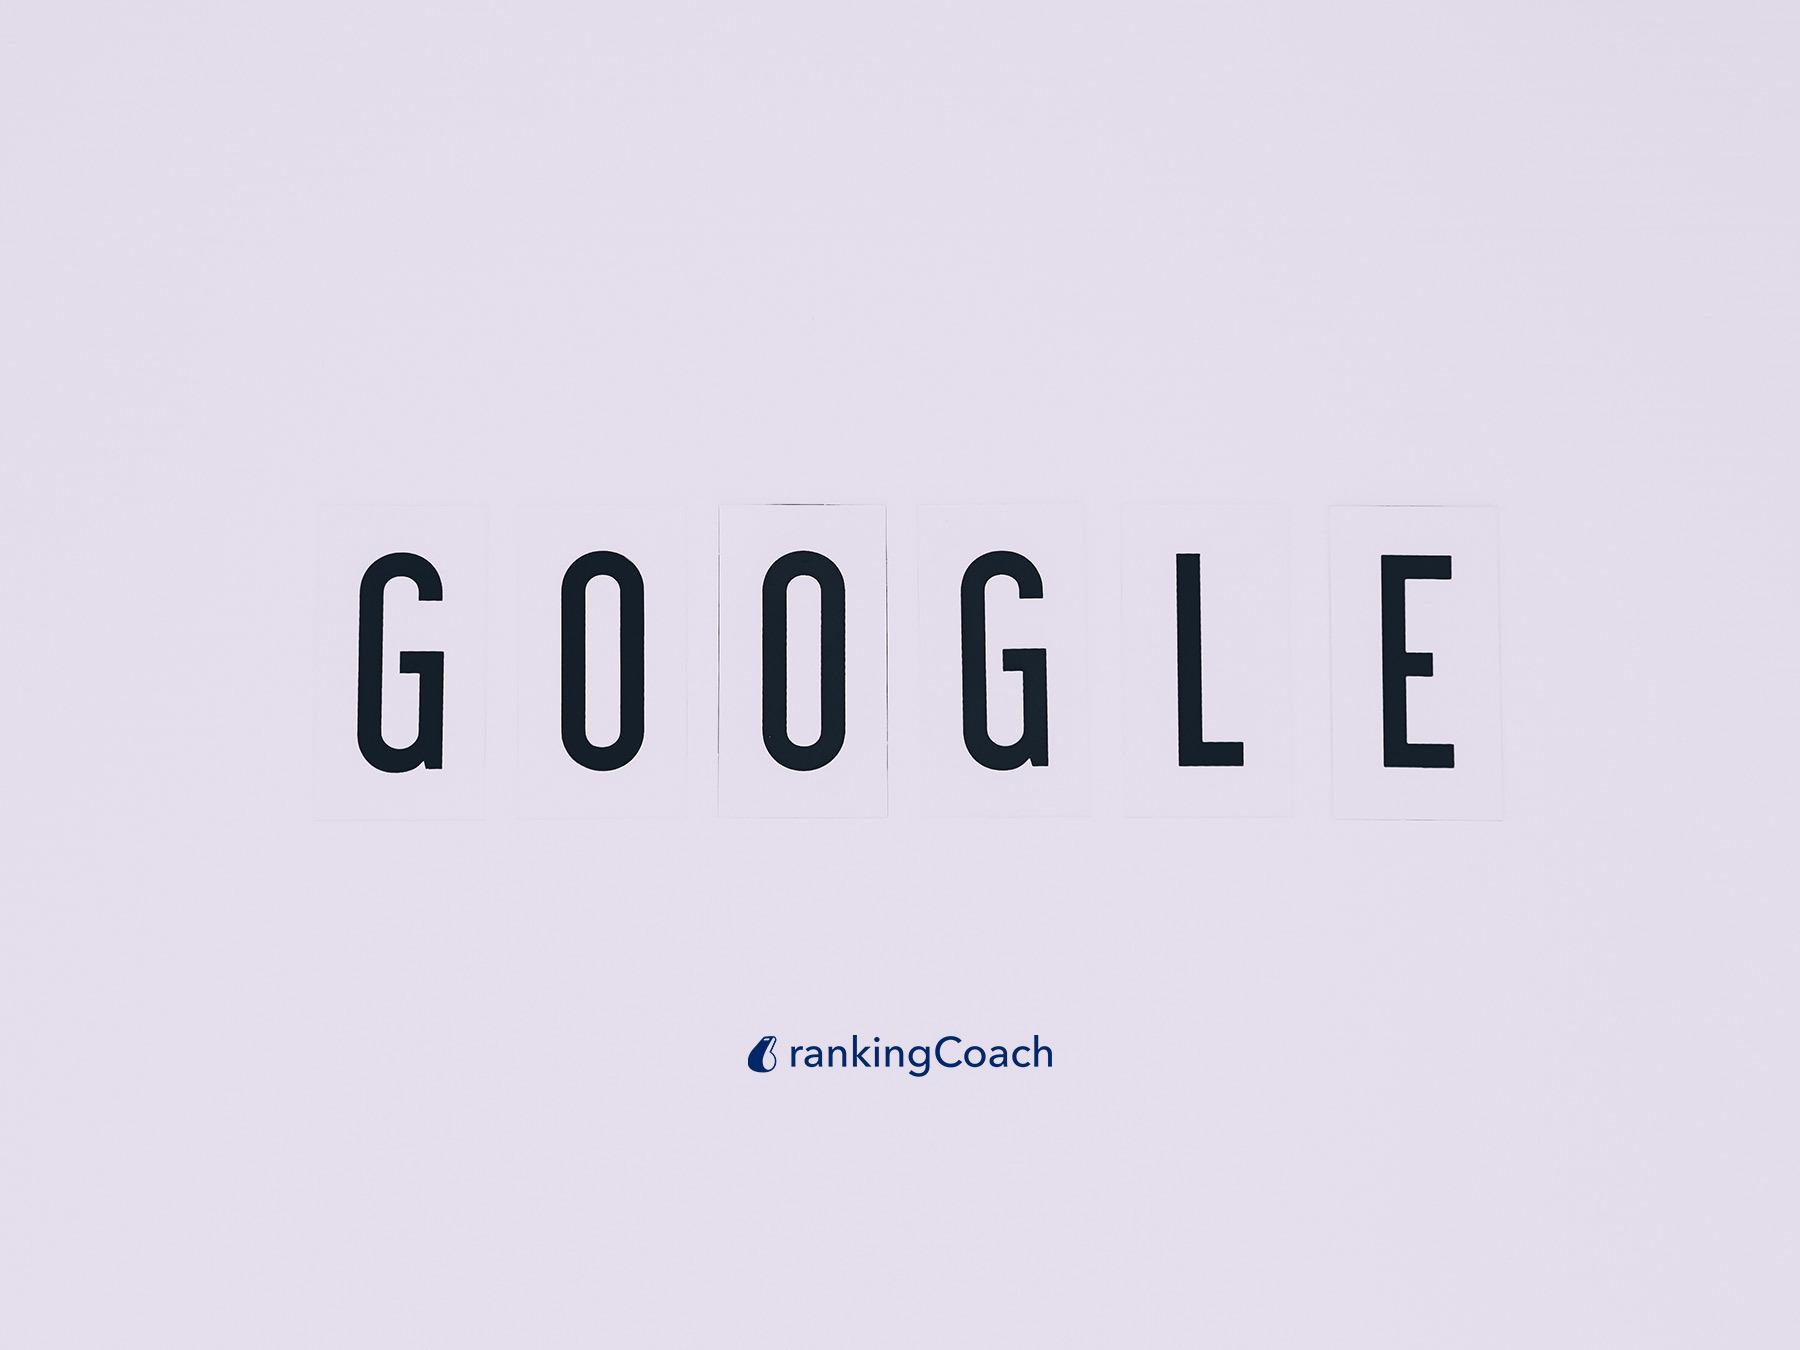 Como posso anunciar gratuitamente no Google?